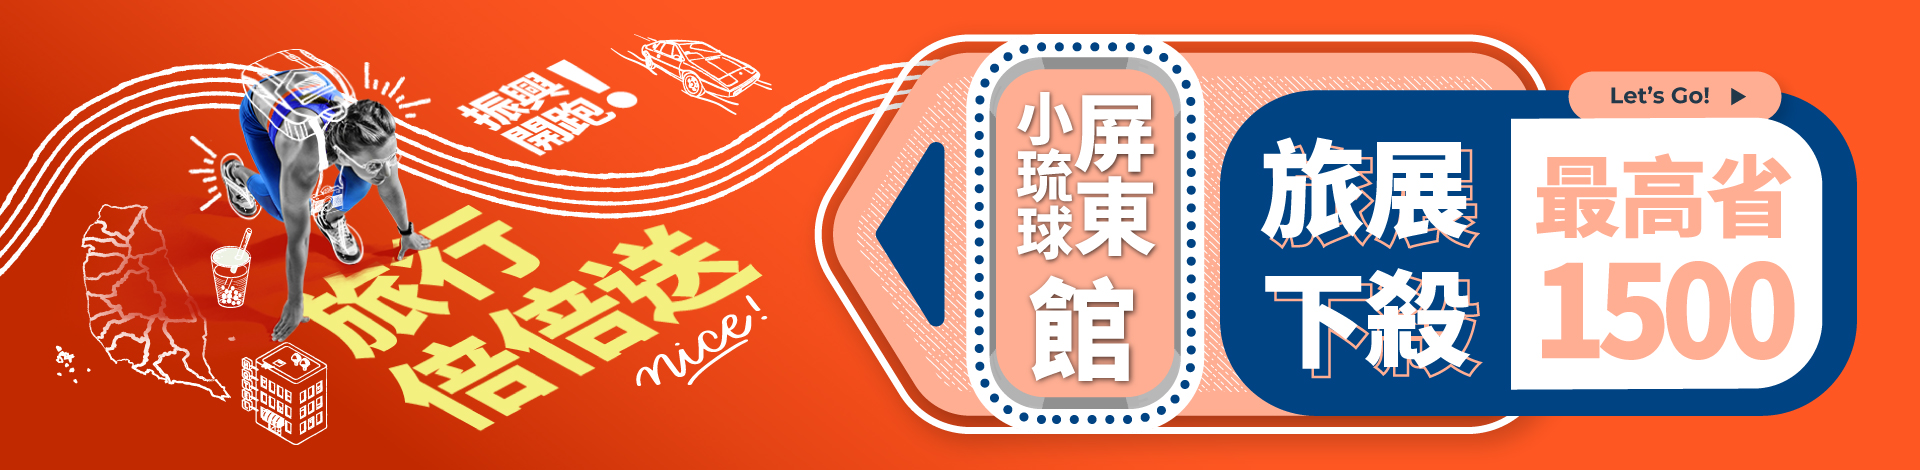 【墾丁海鮮美食推薦】森食堂-新台菜海鮮料理:直逼後壁湖現流ㄟ的大海味 - threeonelee.com